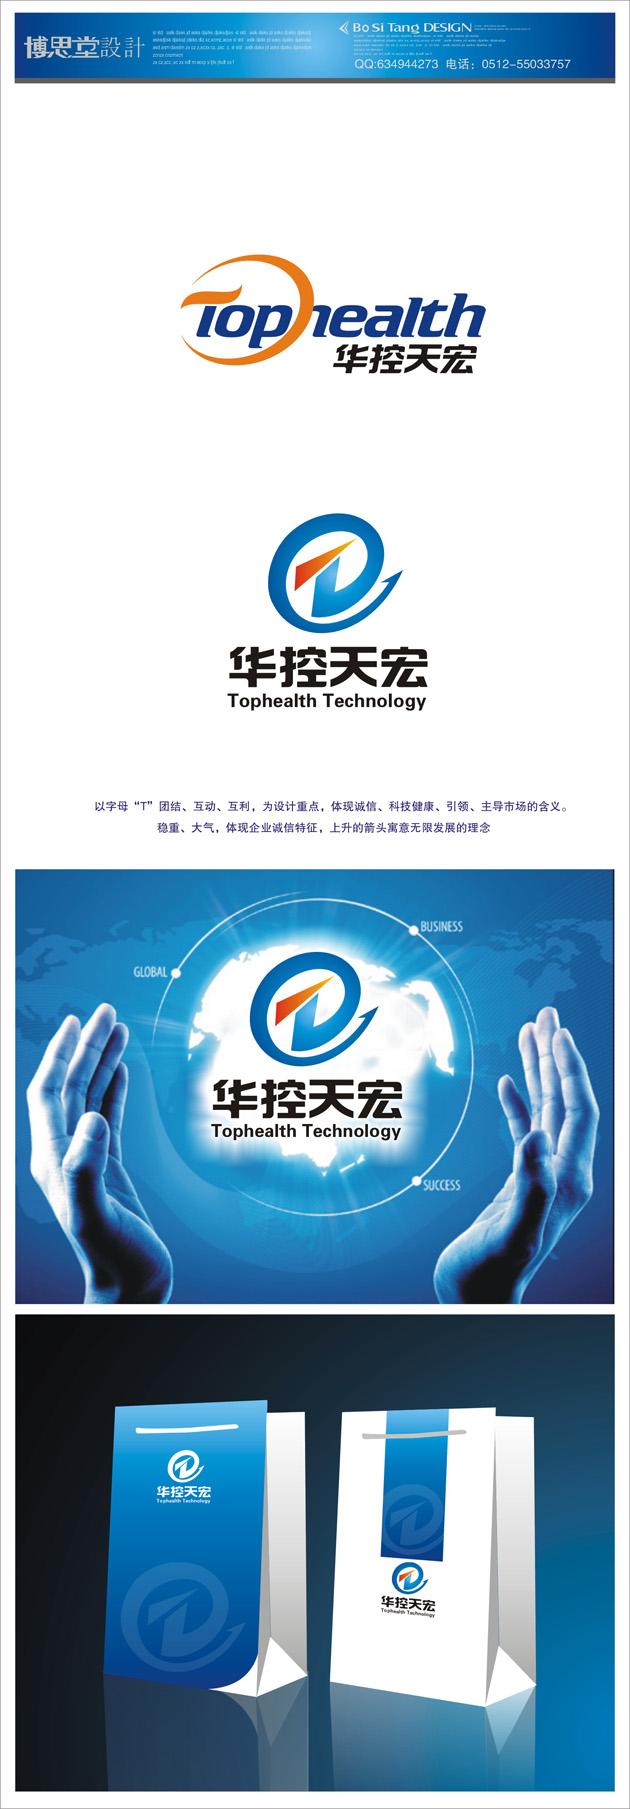 华控天宏科技有限公司logo及文件夹设计